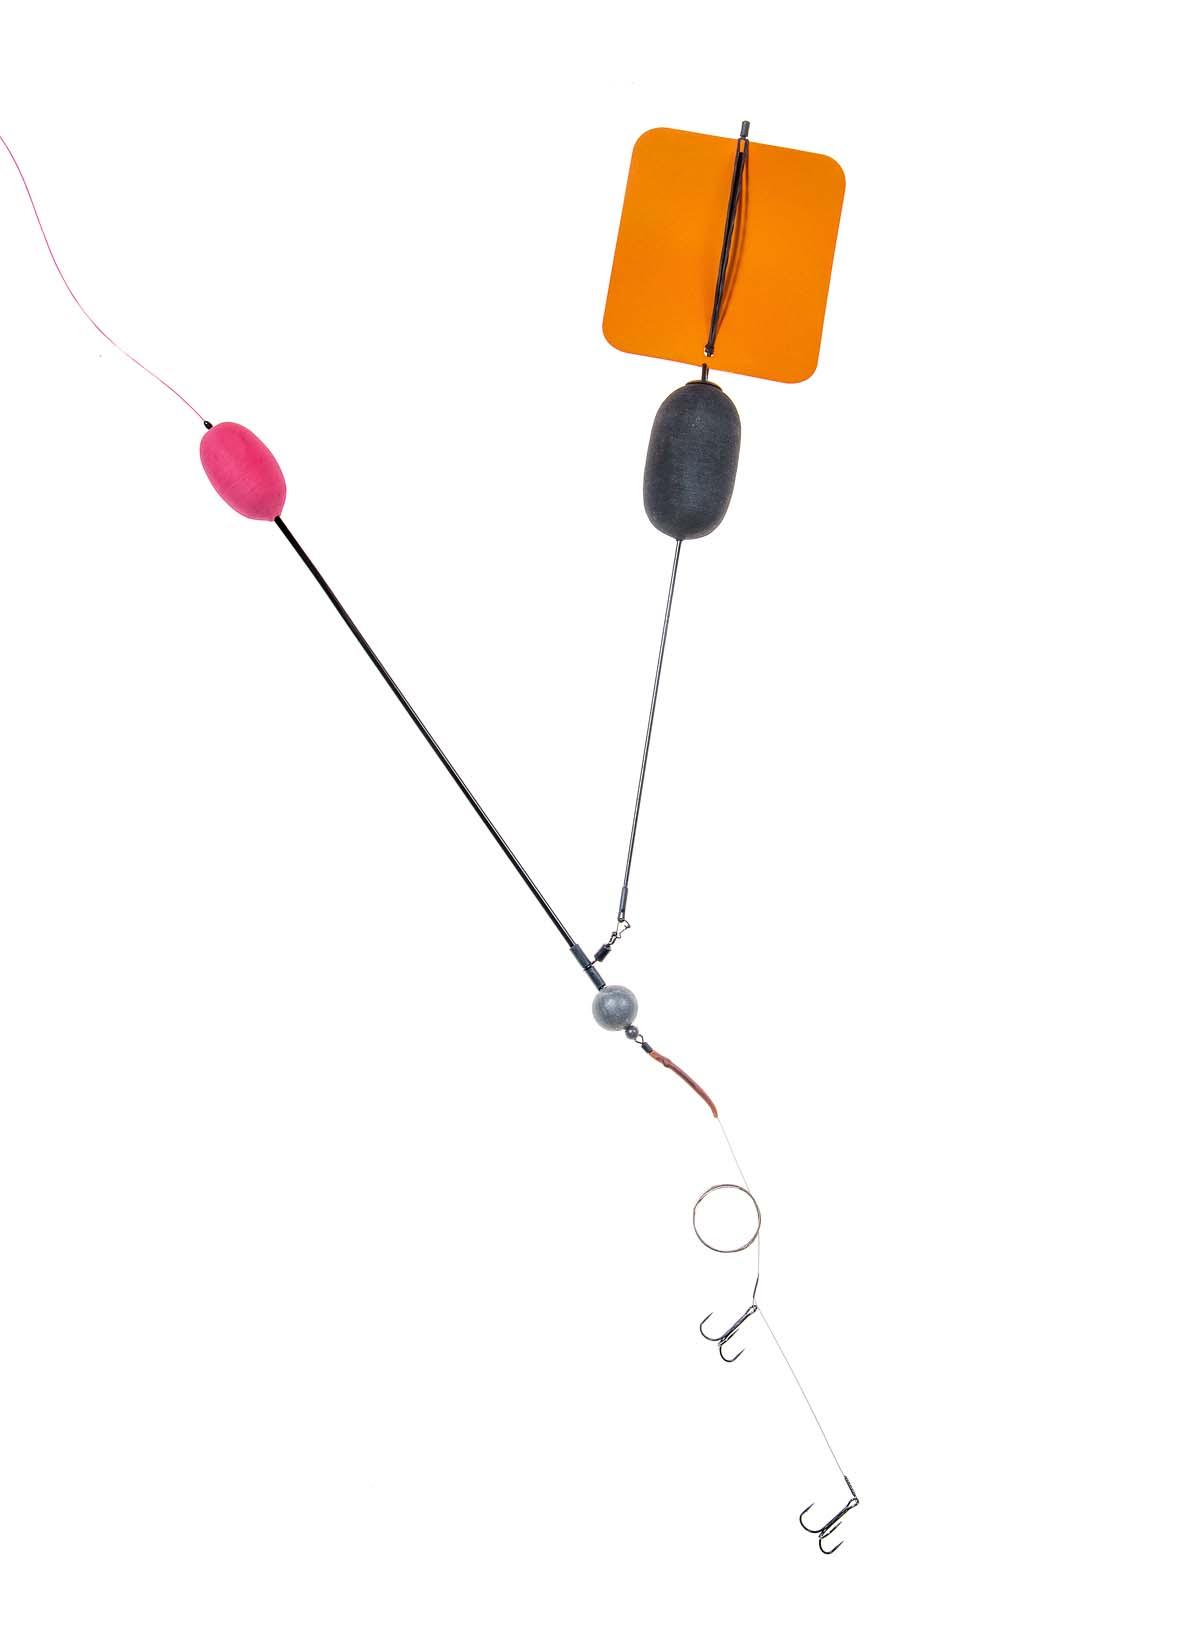 Fertig ist die Segelposen-Montage. Dieses System eignet sich hervorragend beim Angeln mit viel Wind.. Die Pose kann sich frei drehen und sich somit nicht um die Montage verwickeln. Foto: BLINKER/W. Krause